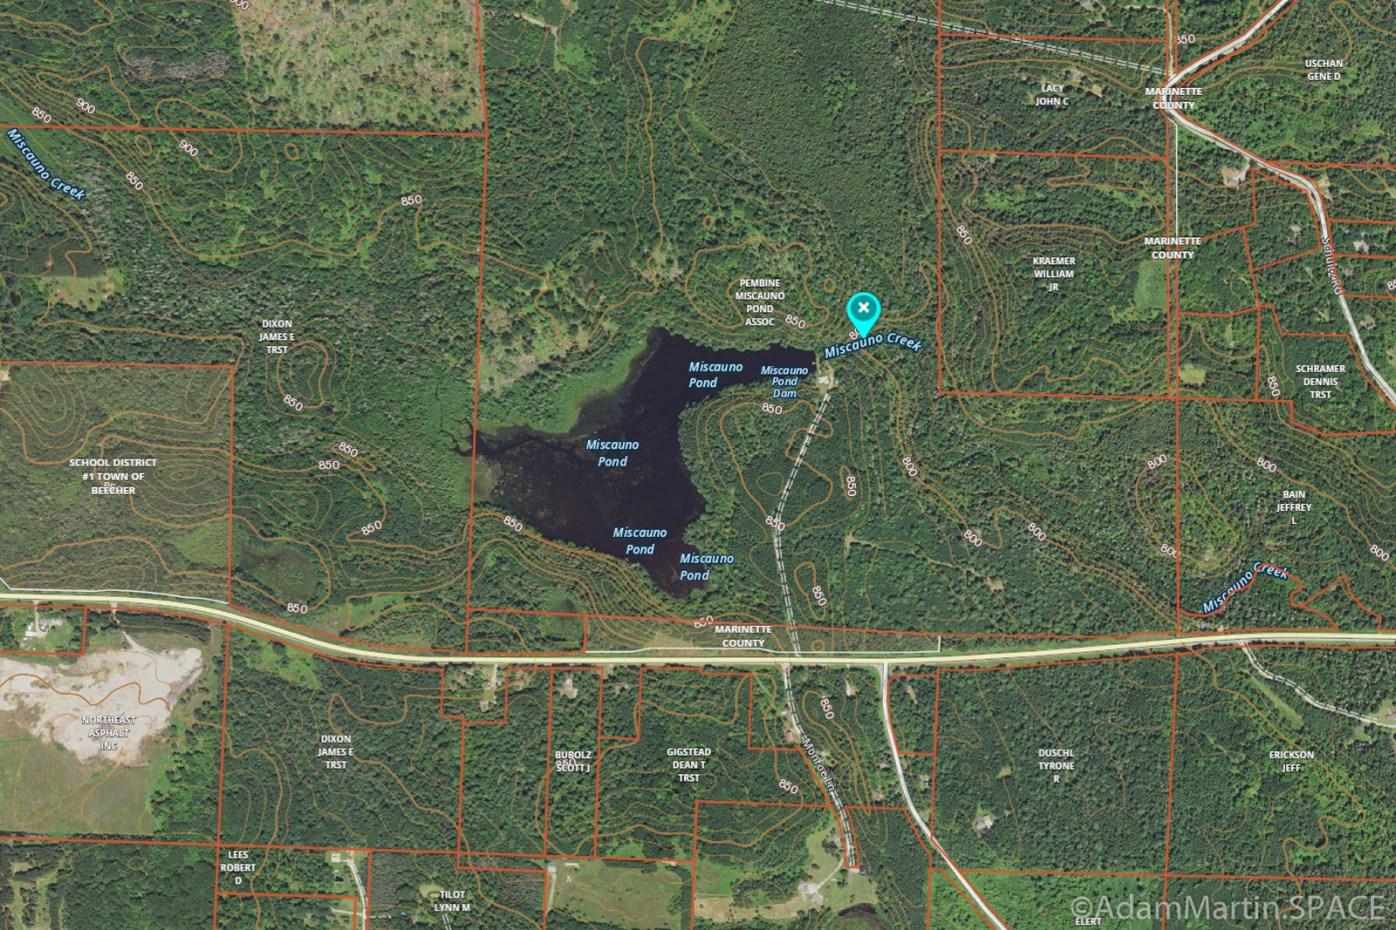 Miscauno Falls - Satellite image view of area